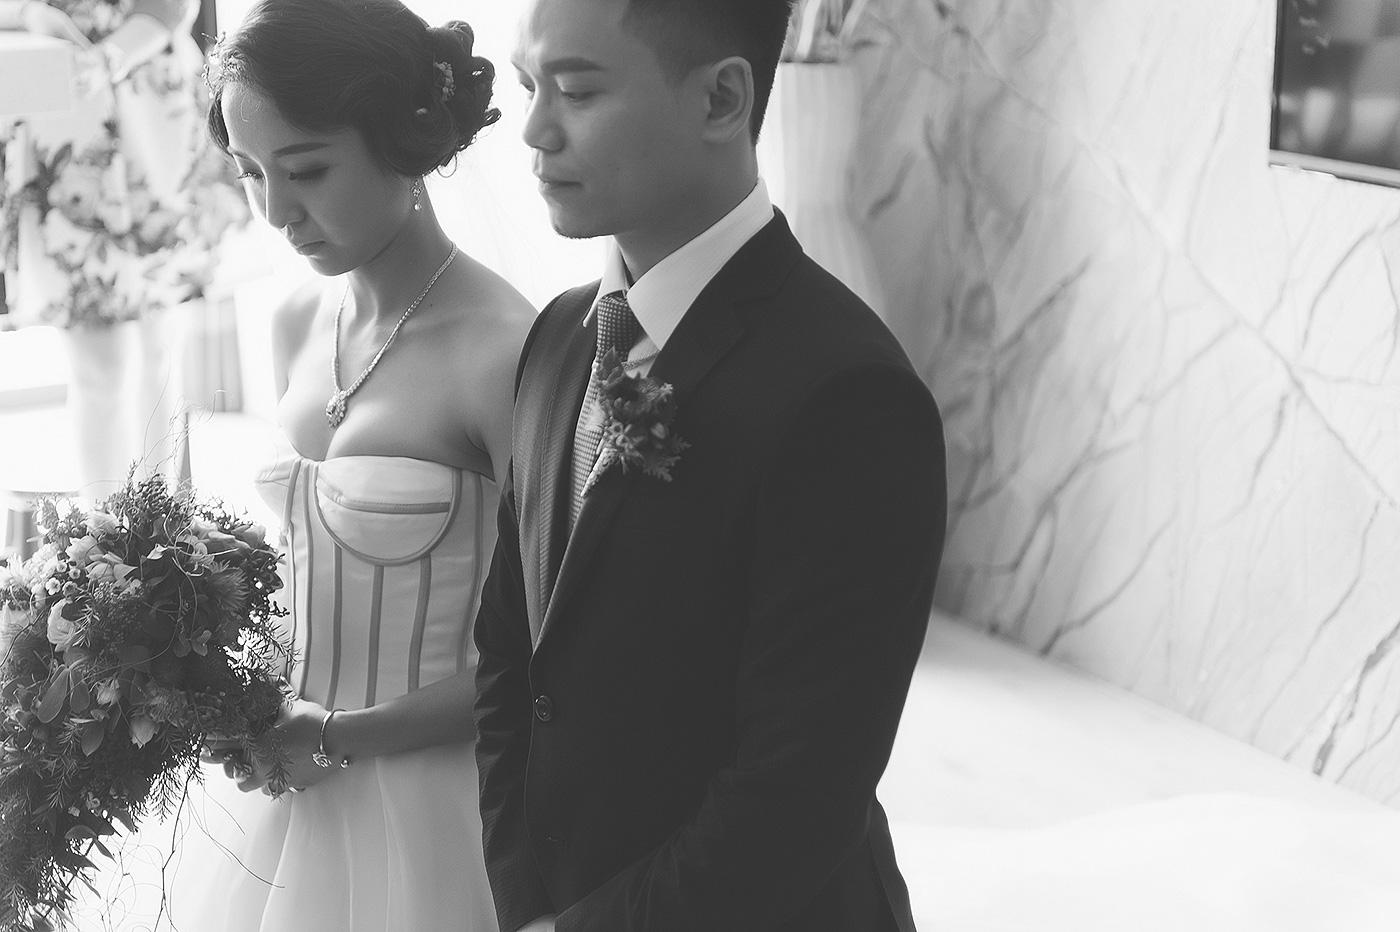 nickchang_wedding_finart-23